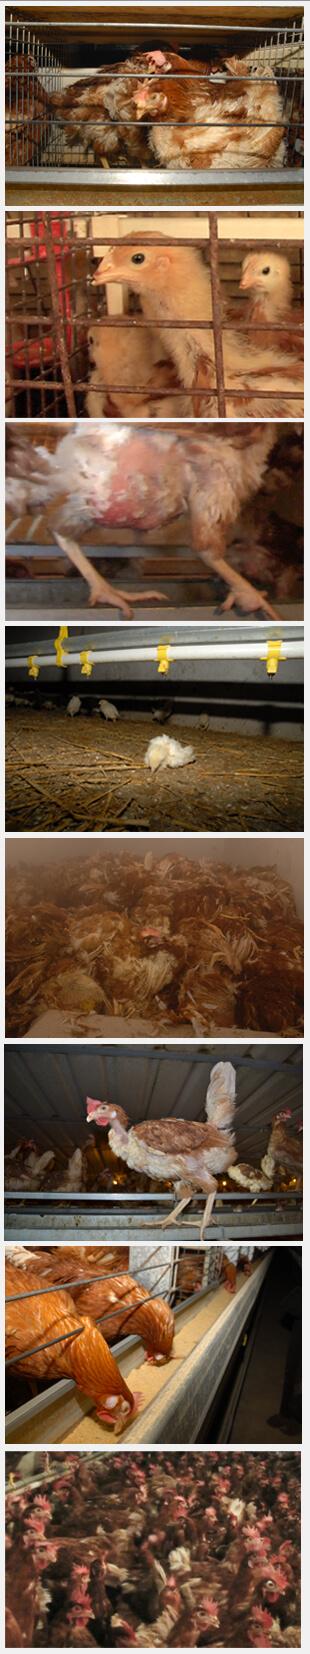 Le fabbriche di uova